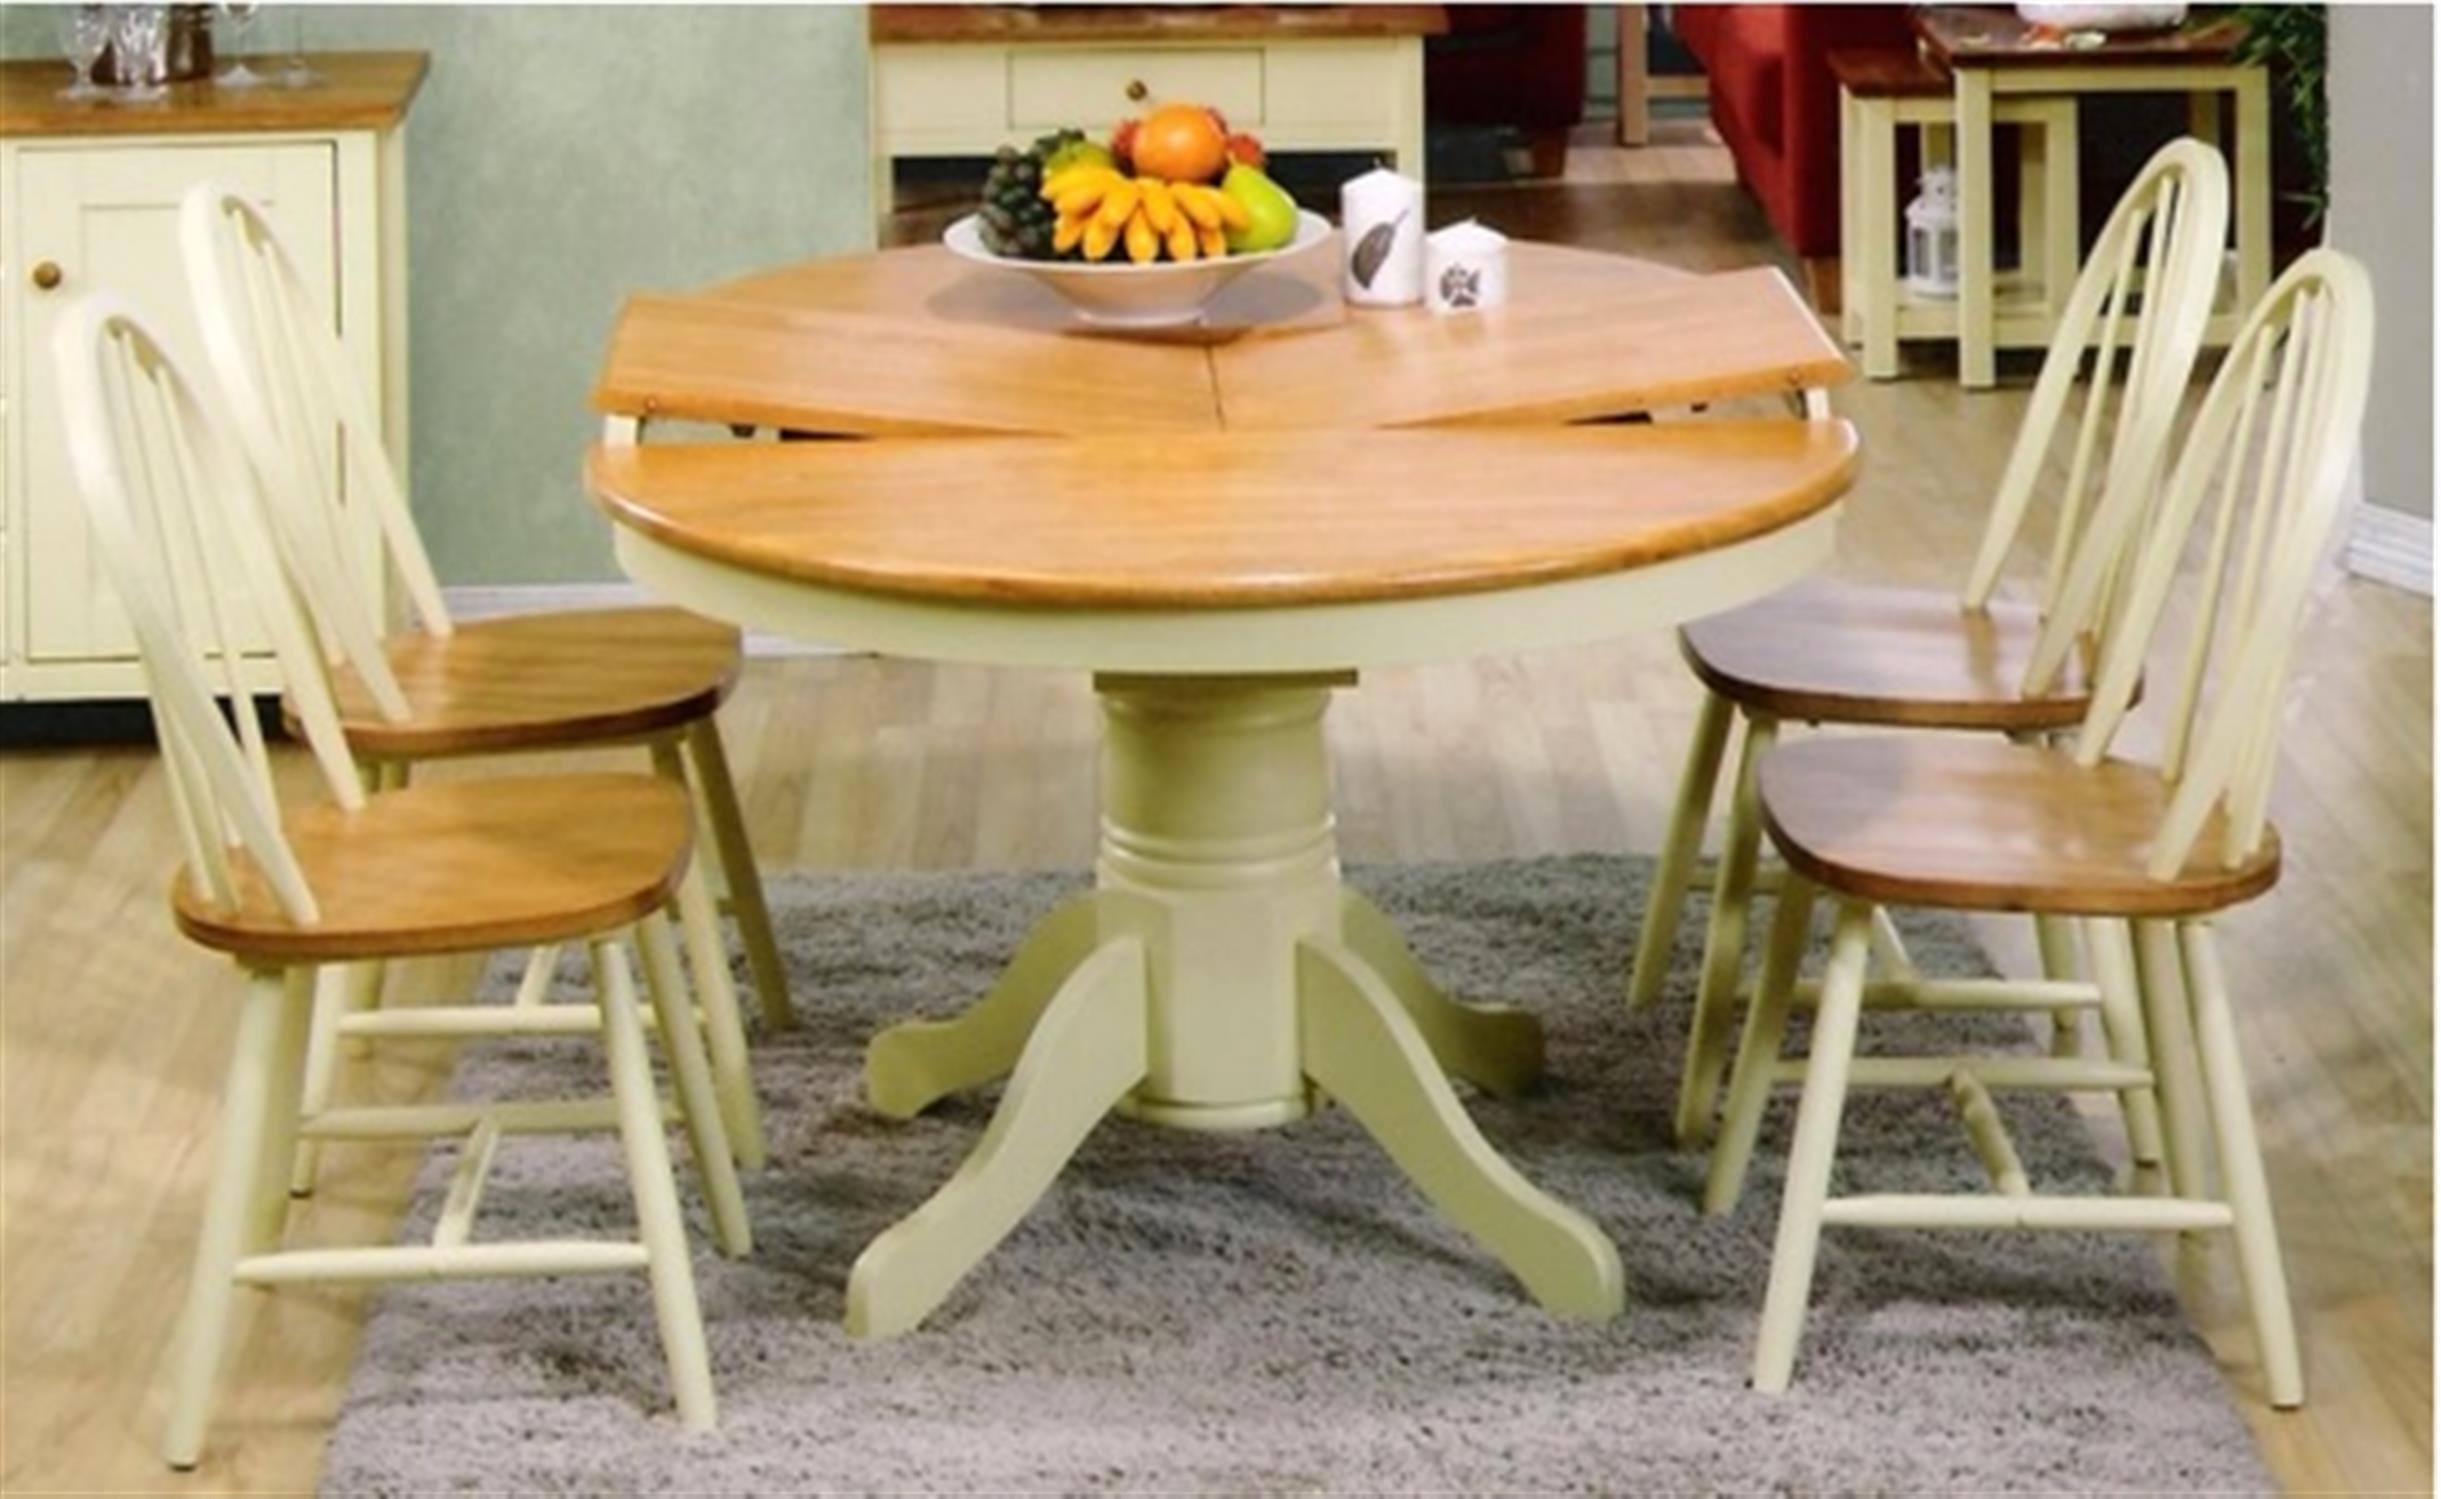 S/5 Τραπέζι/Ροτόντα Kentucky ανοιγόμενο με 4 καρέκλες Boston ξύλινο decape κρεμ/καφέ 107(150)x107x76cm Home Plus 02.01.0010-1